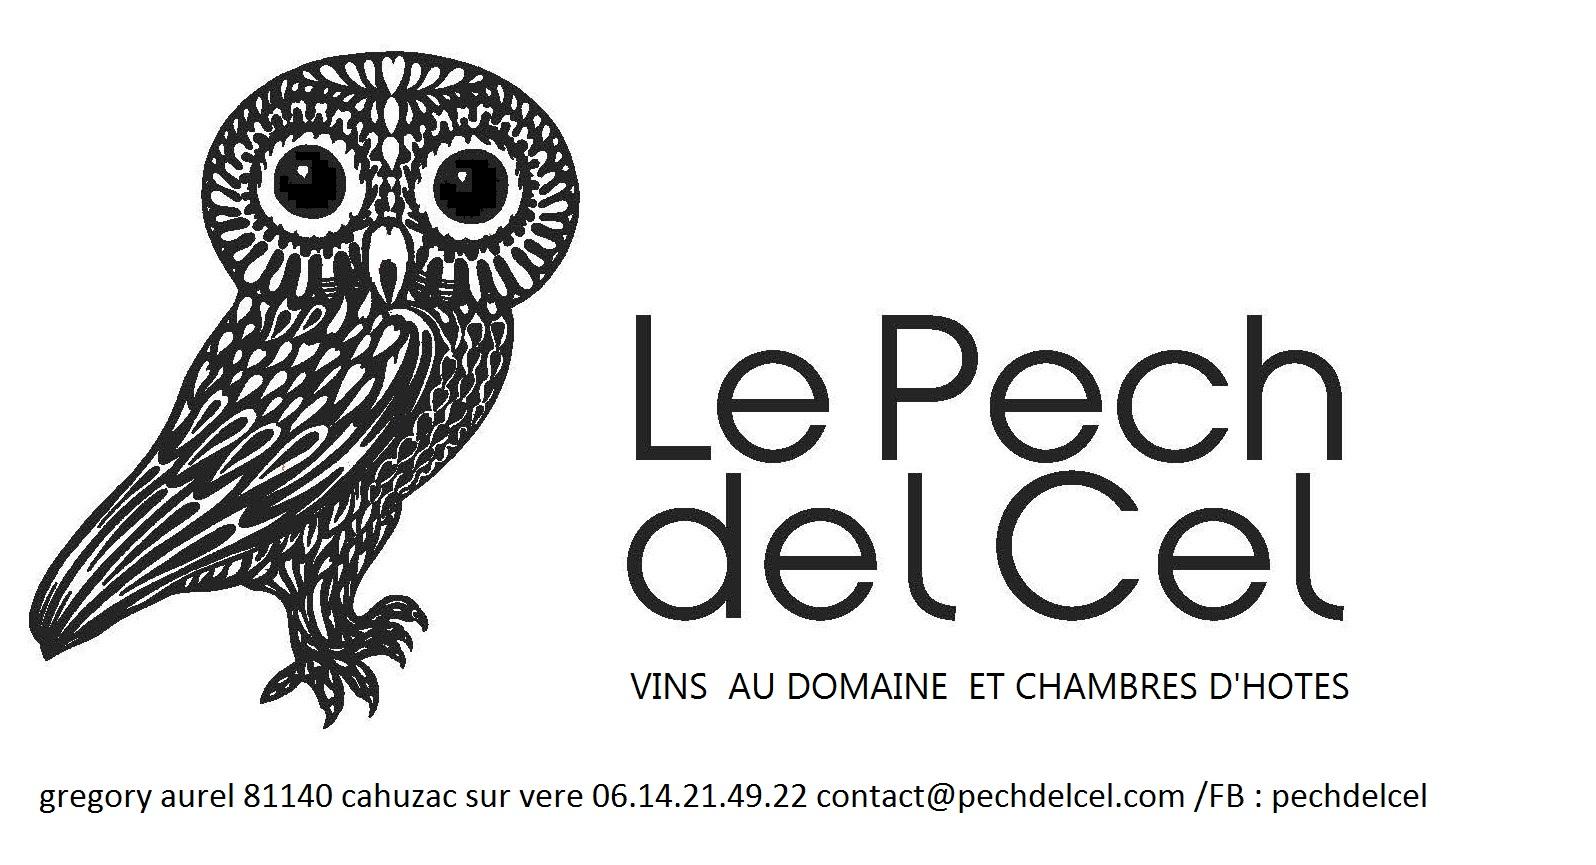 Domaine Pech Del Cel - Grégory Aurel